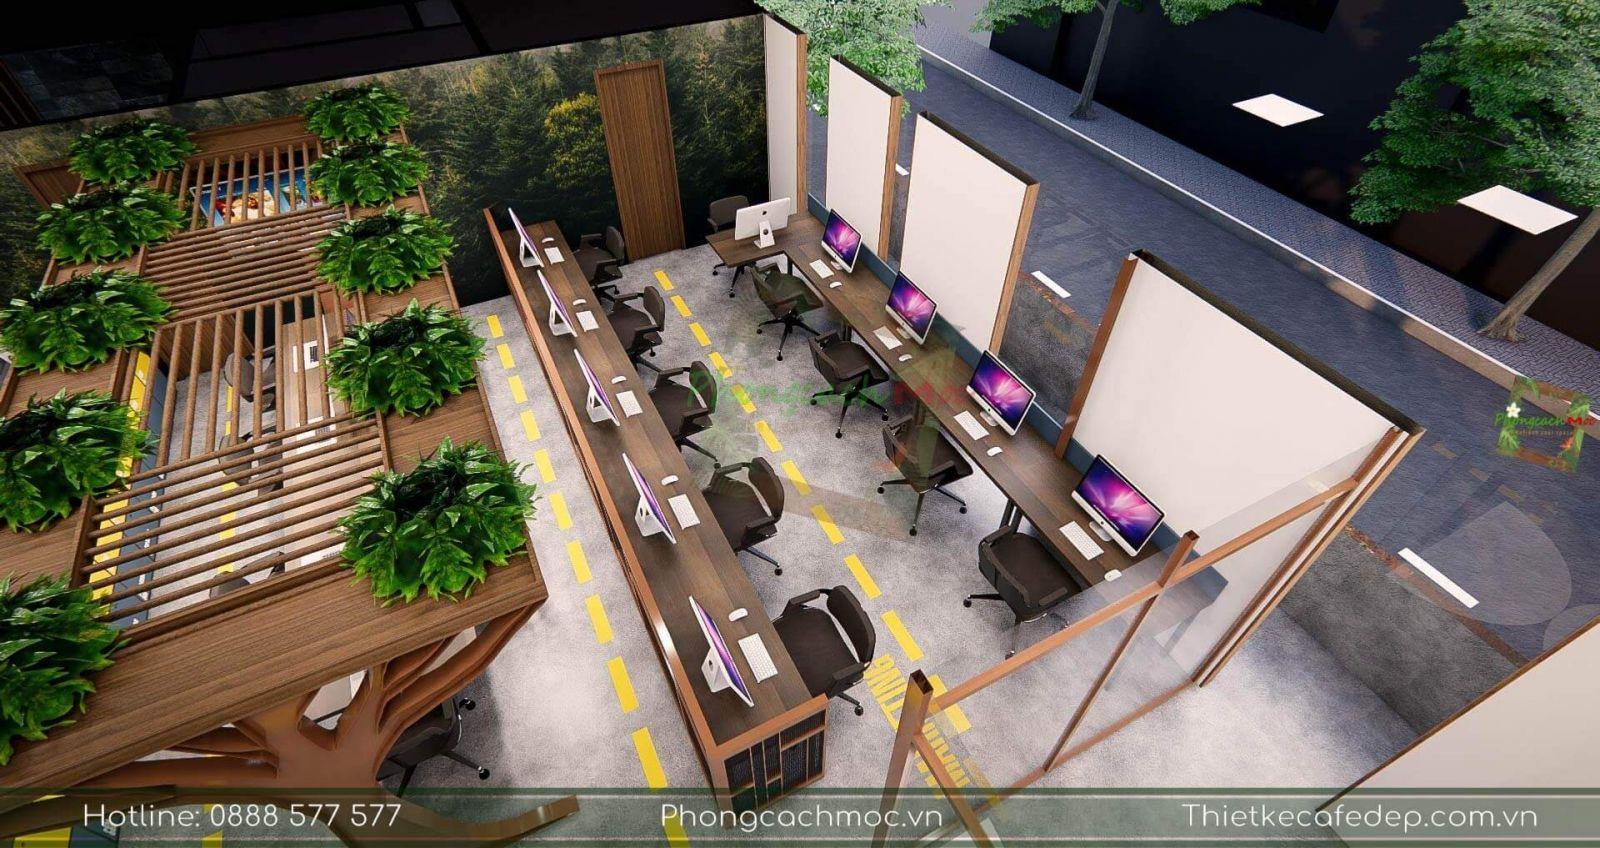 thiết kế phân khu phòng ban văn phòng pcm tại quận 2